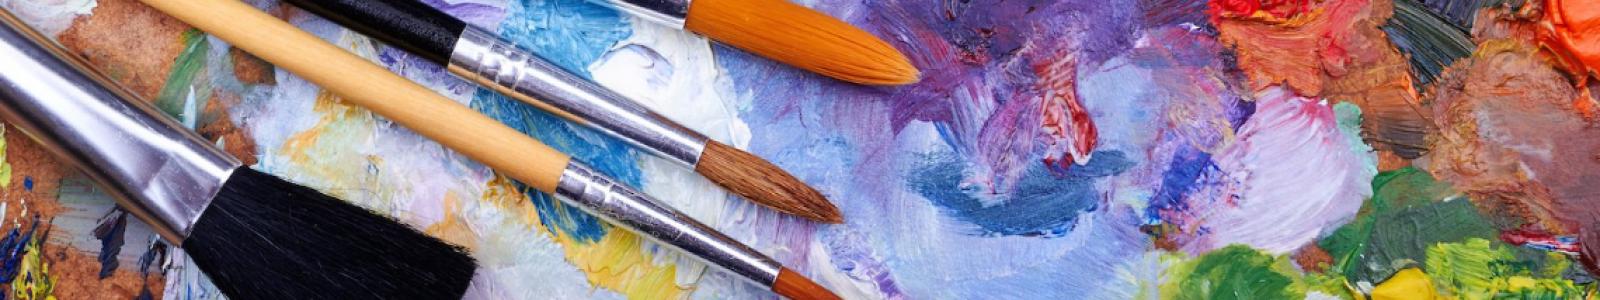 Gallery Painter Anna Nebesna